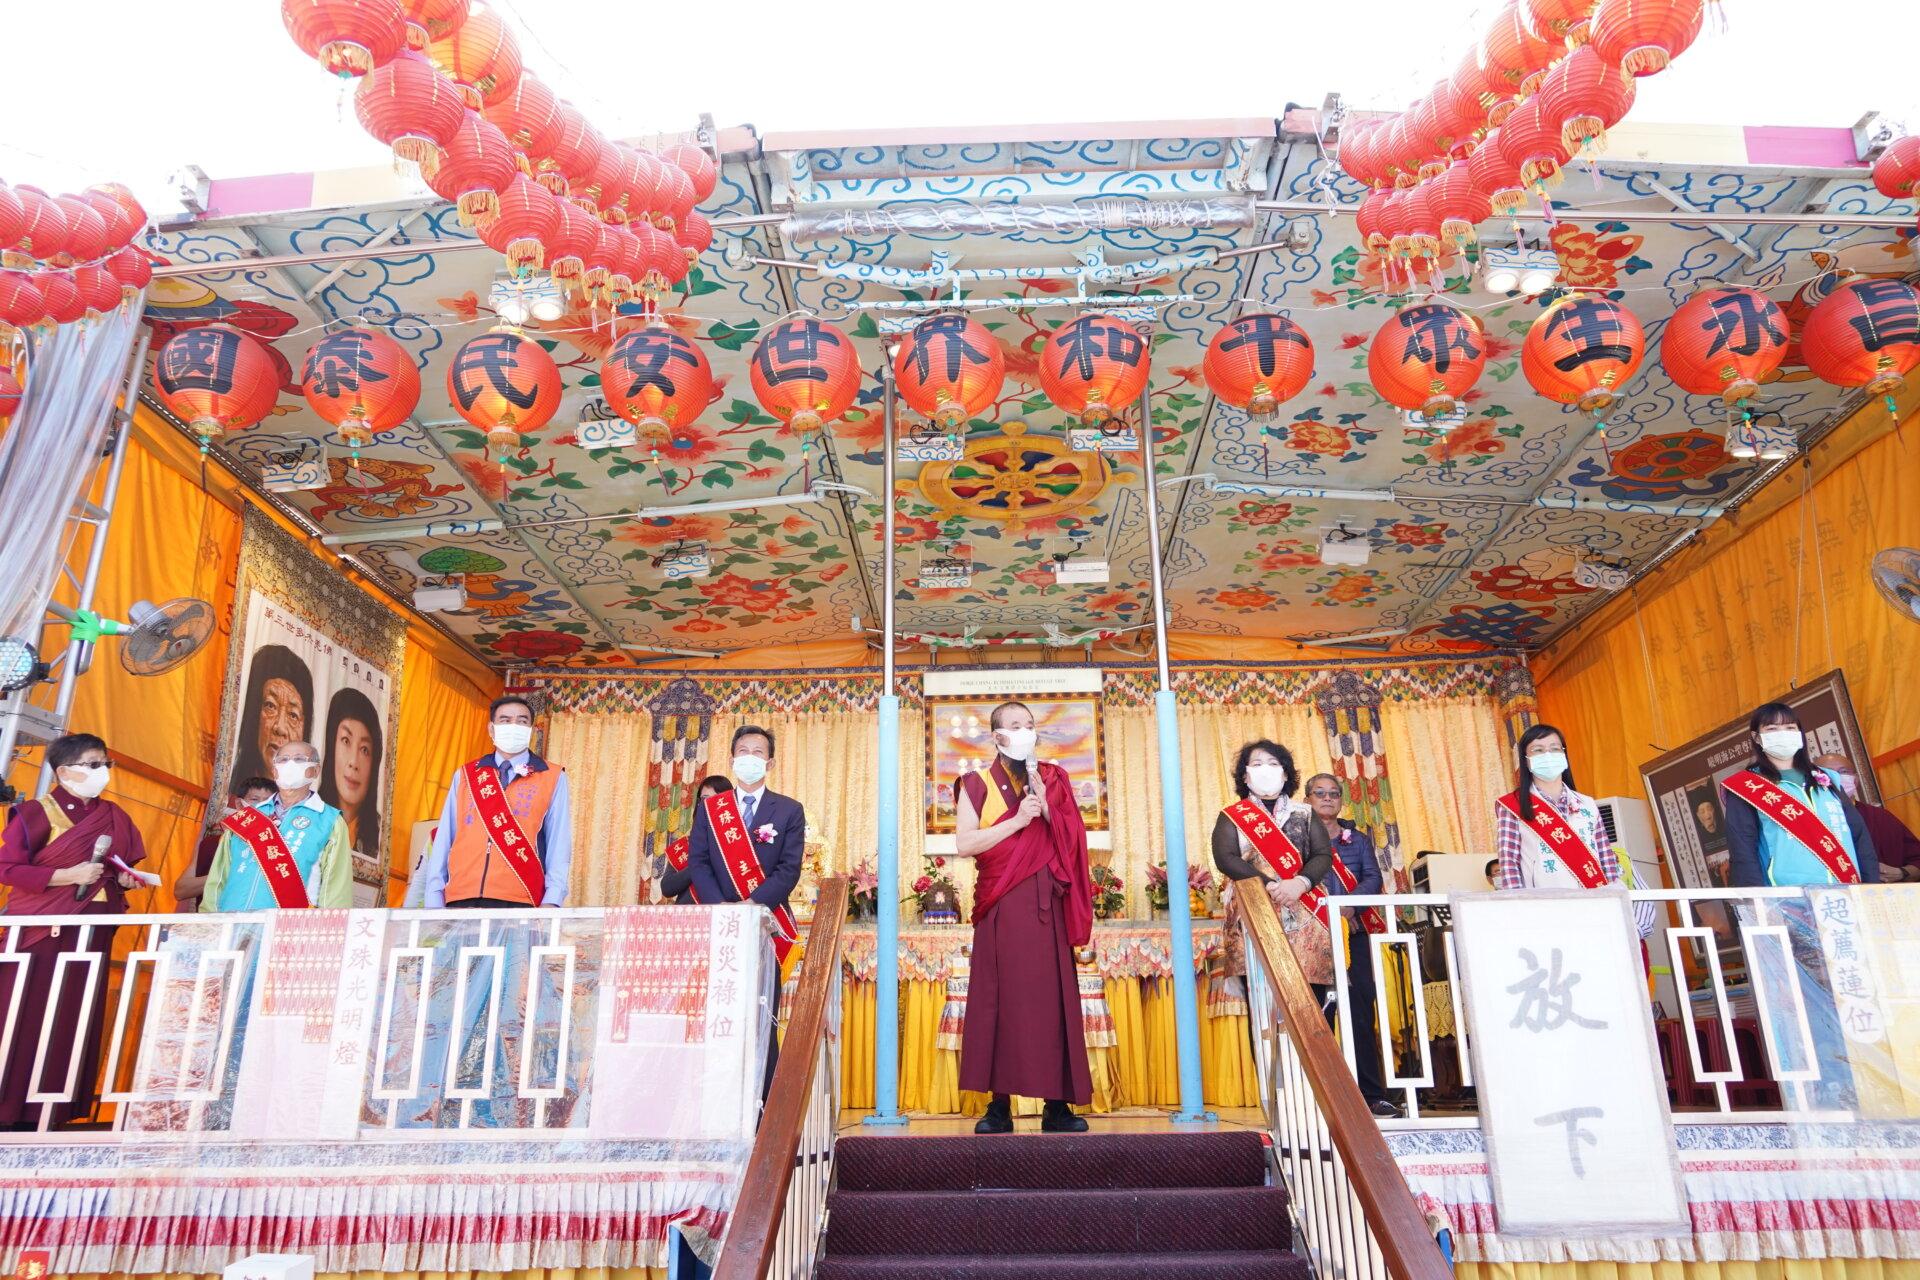 行動佛殿116站台南後壁,本會指導上師恆性嘉措仁波且感謝貴賓蒞臨祈福